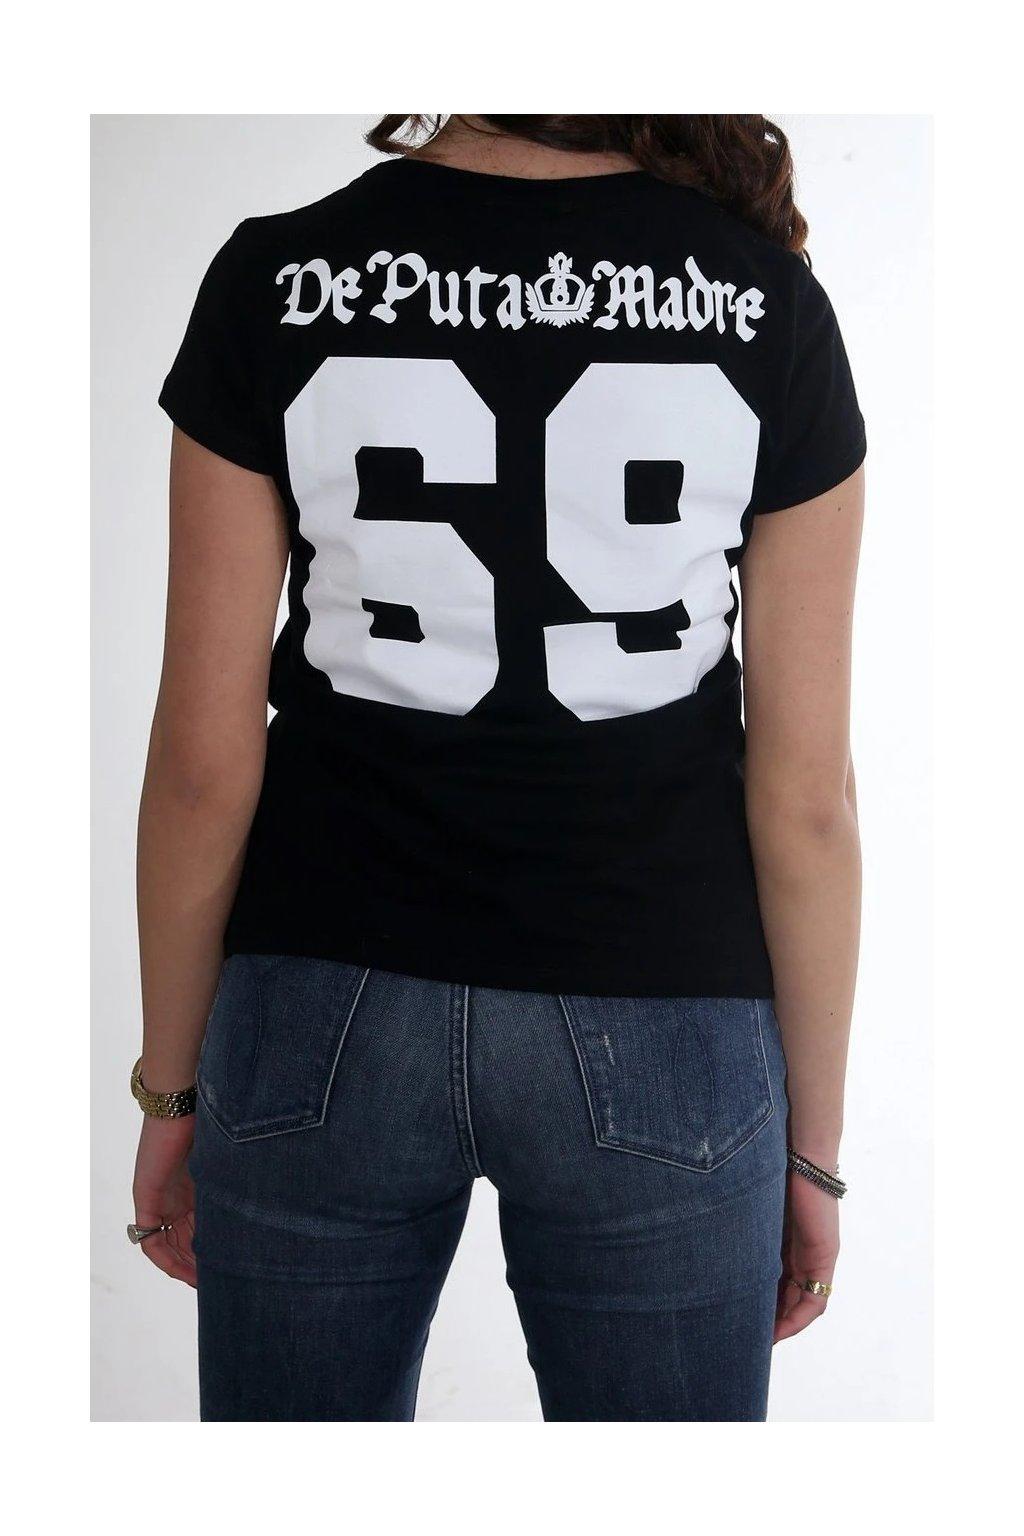 Dámské triko De Puta Madre 69 Printed 69 černé obr1